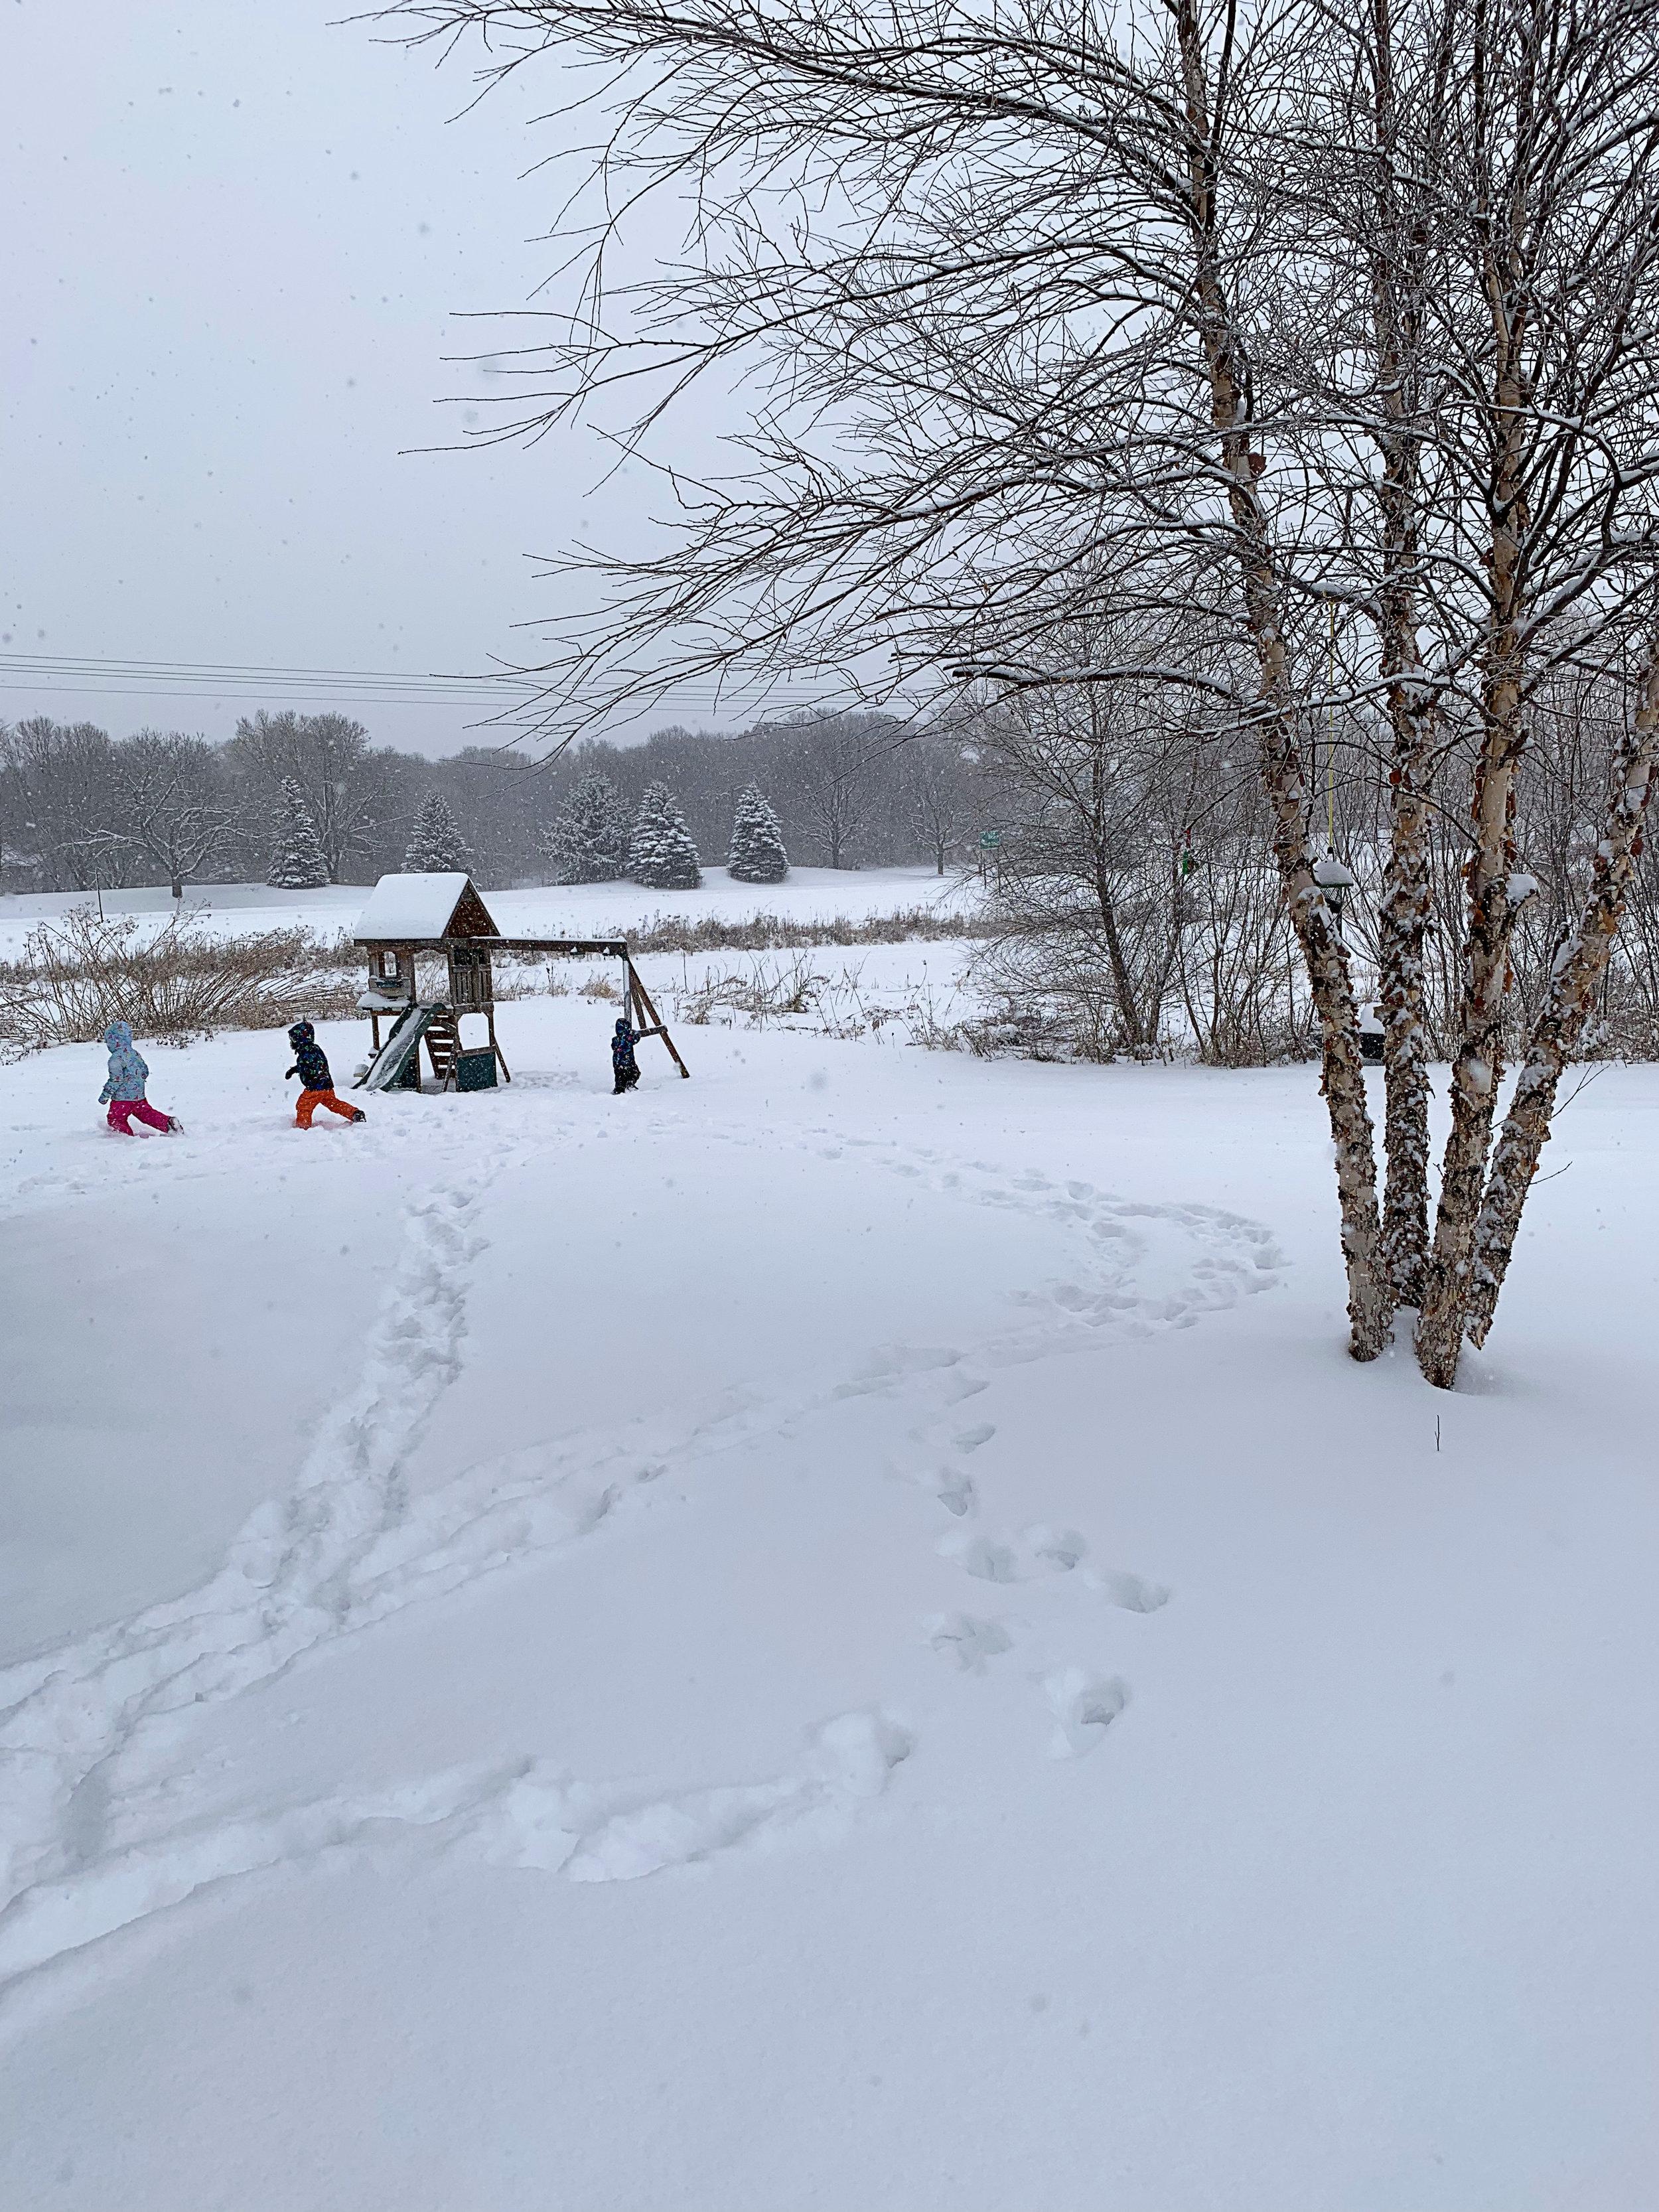 2019 02 07 All Snow 01.jpg